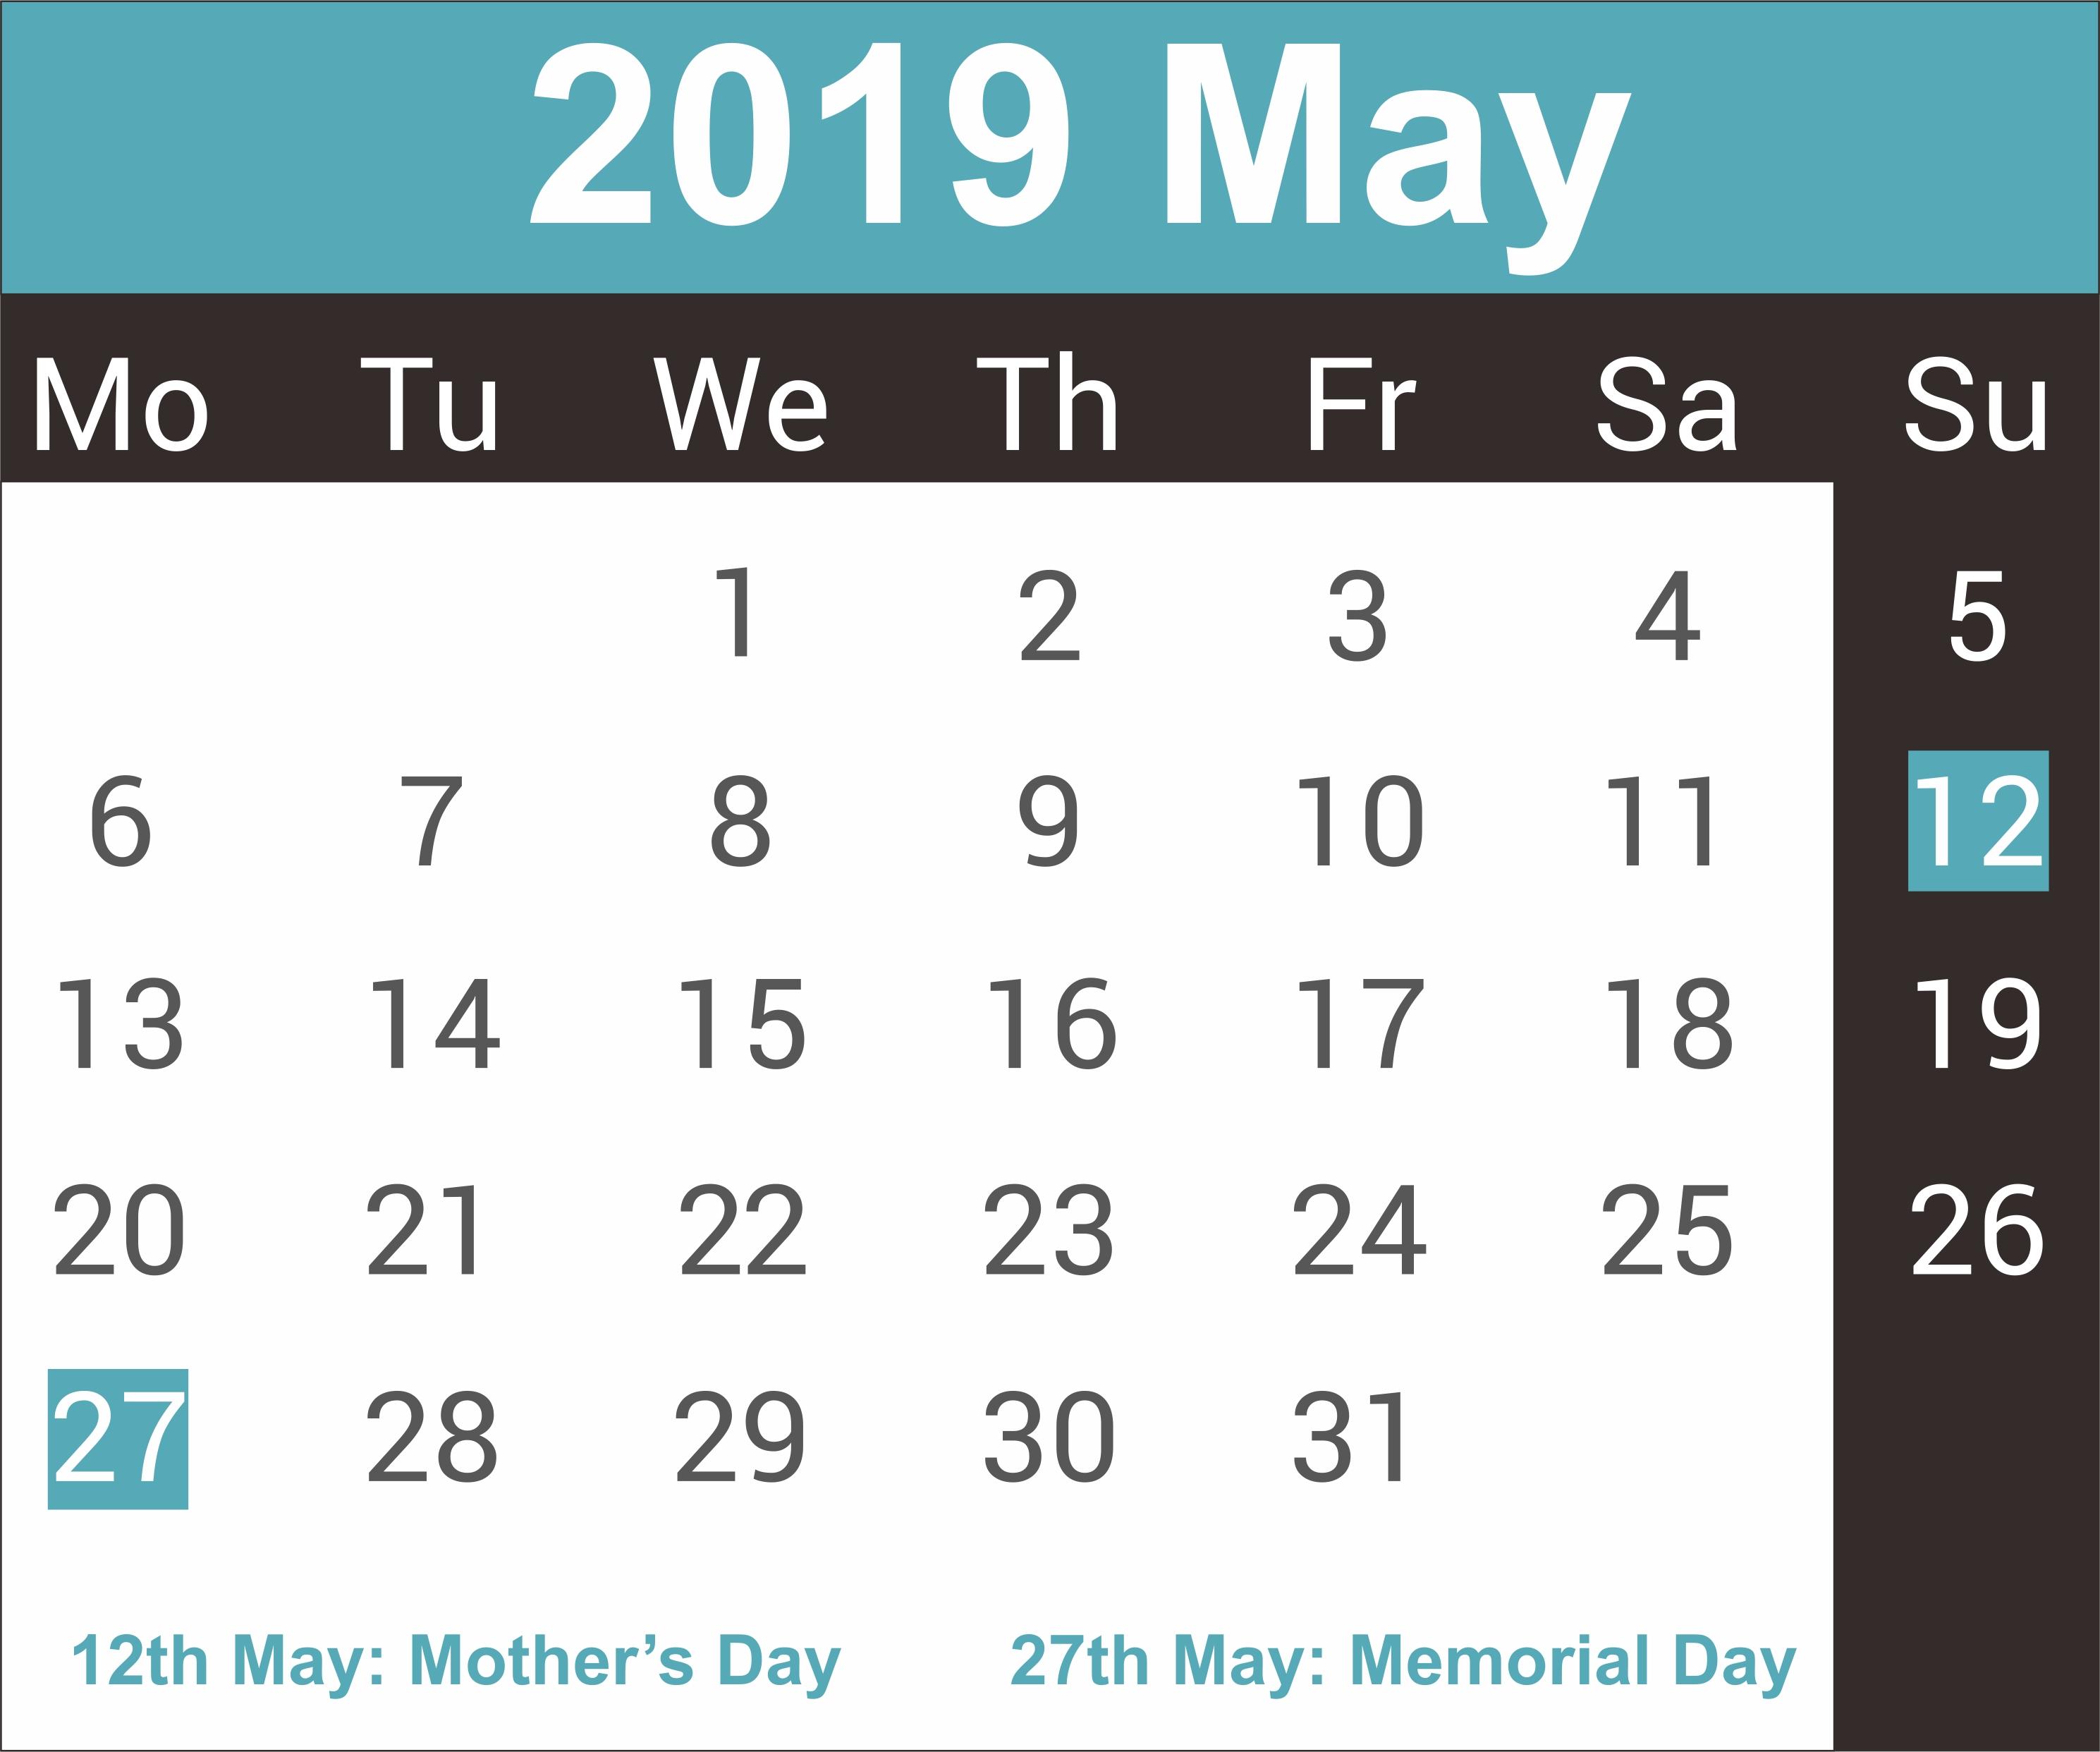 May 2019 Calendar | May Calendar 2019, May 2019 Printable Calendar May 5 2019 Calendar